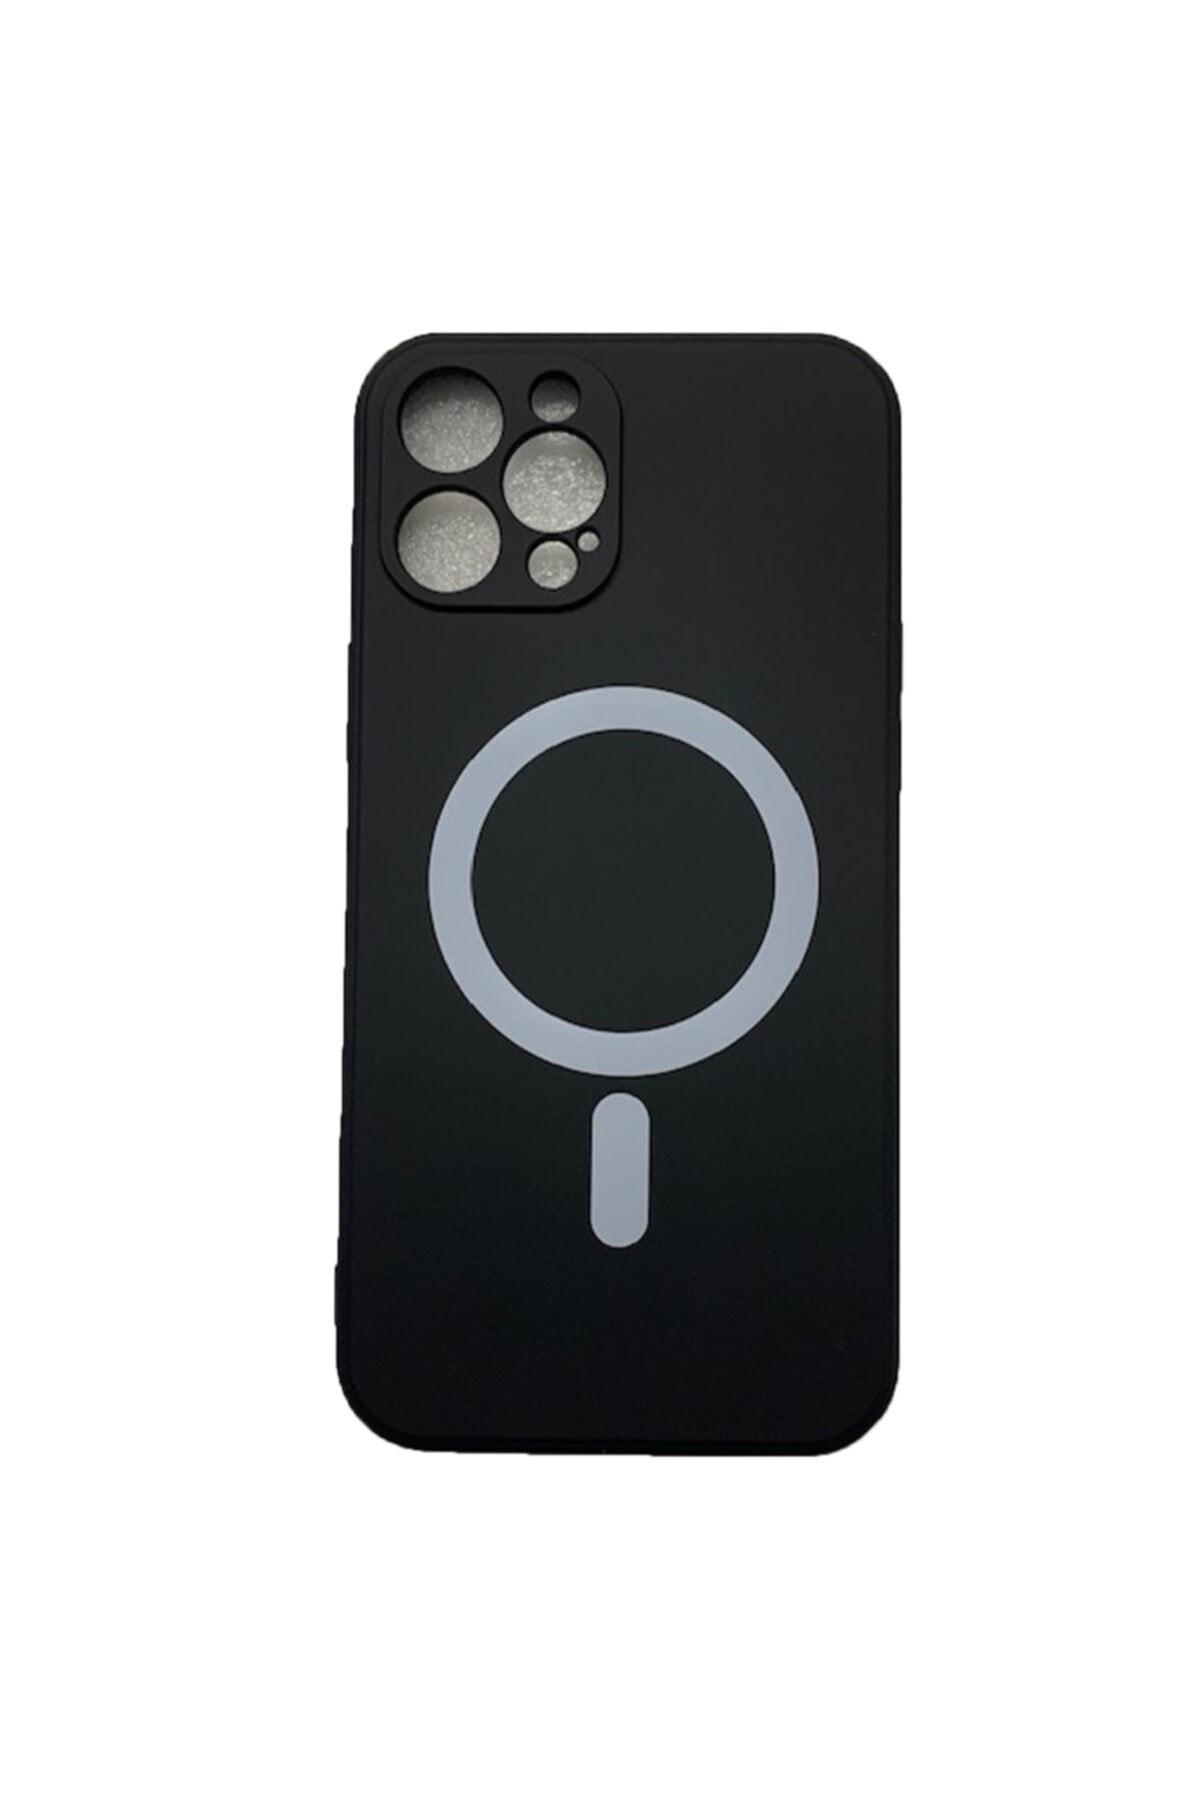 Joyroom Iphone 12 Pro Uyumlu Mıknatıslı Şarj Özellikli Magsafe Yumuşak Lansman Silikon Kılıf 1